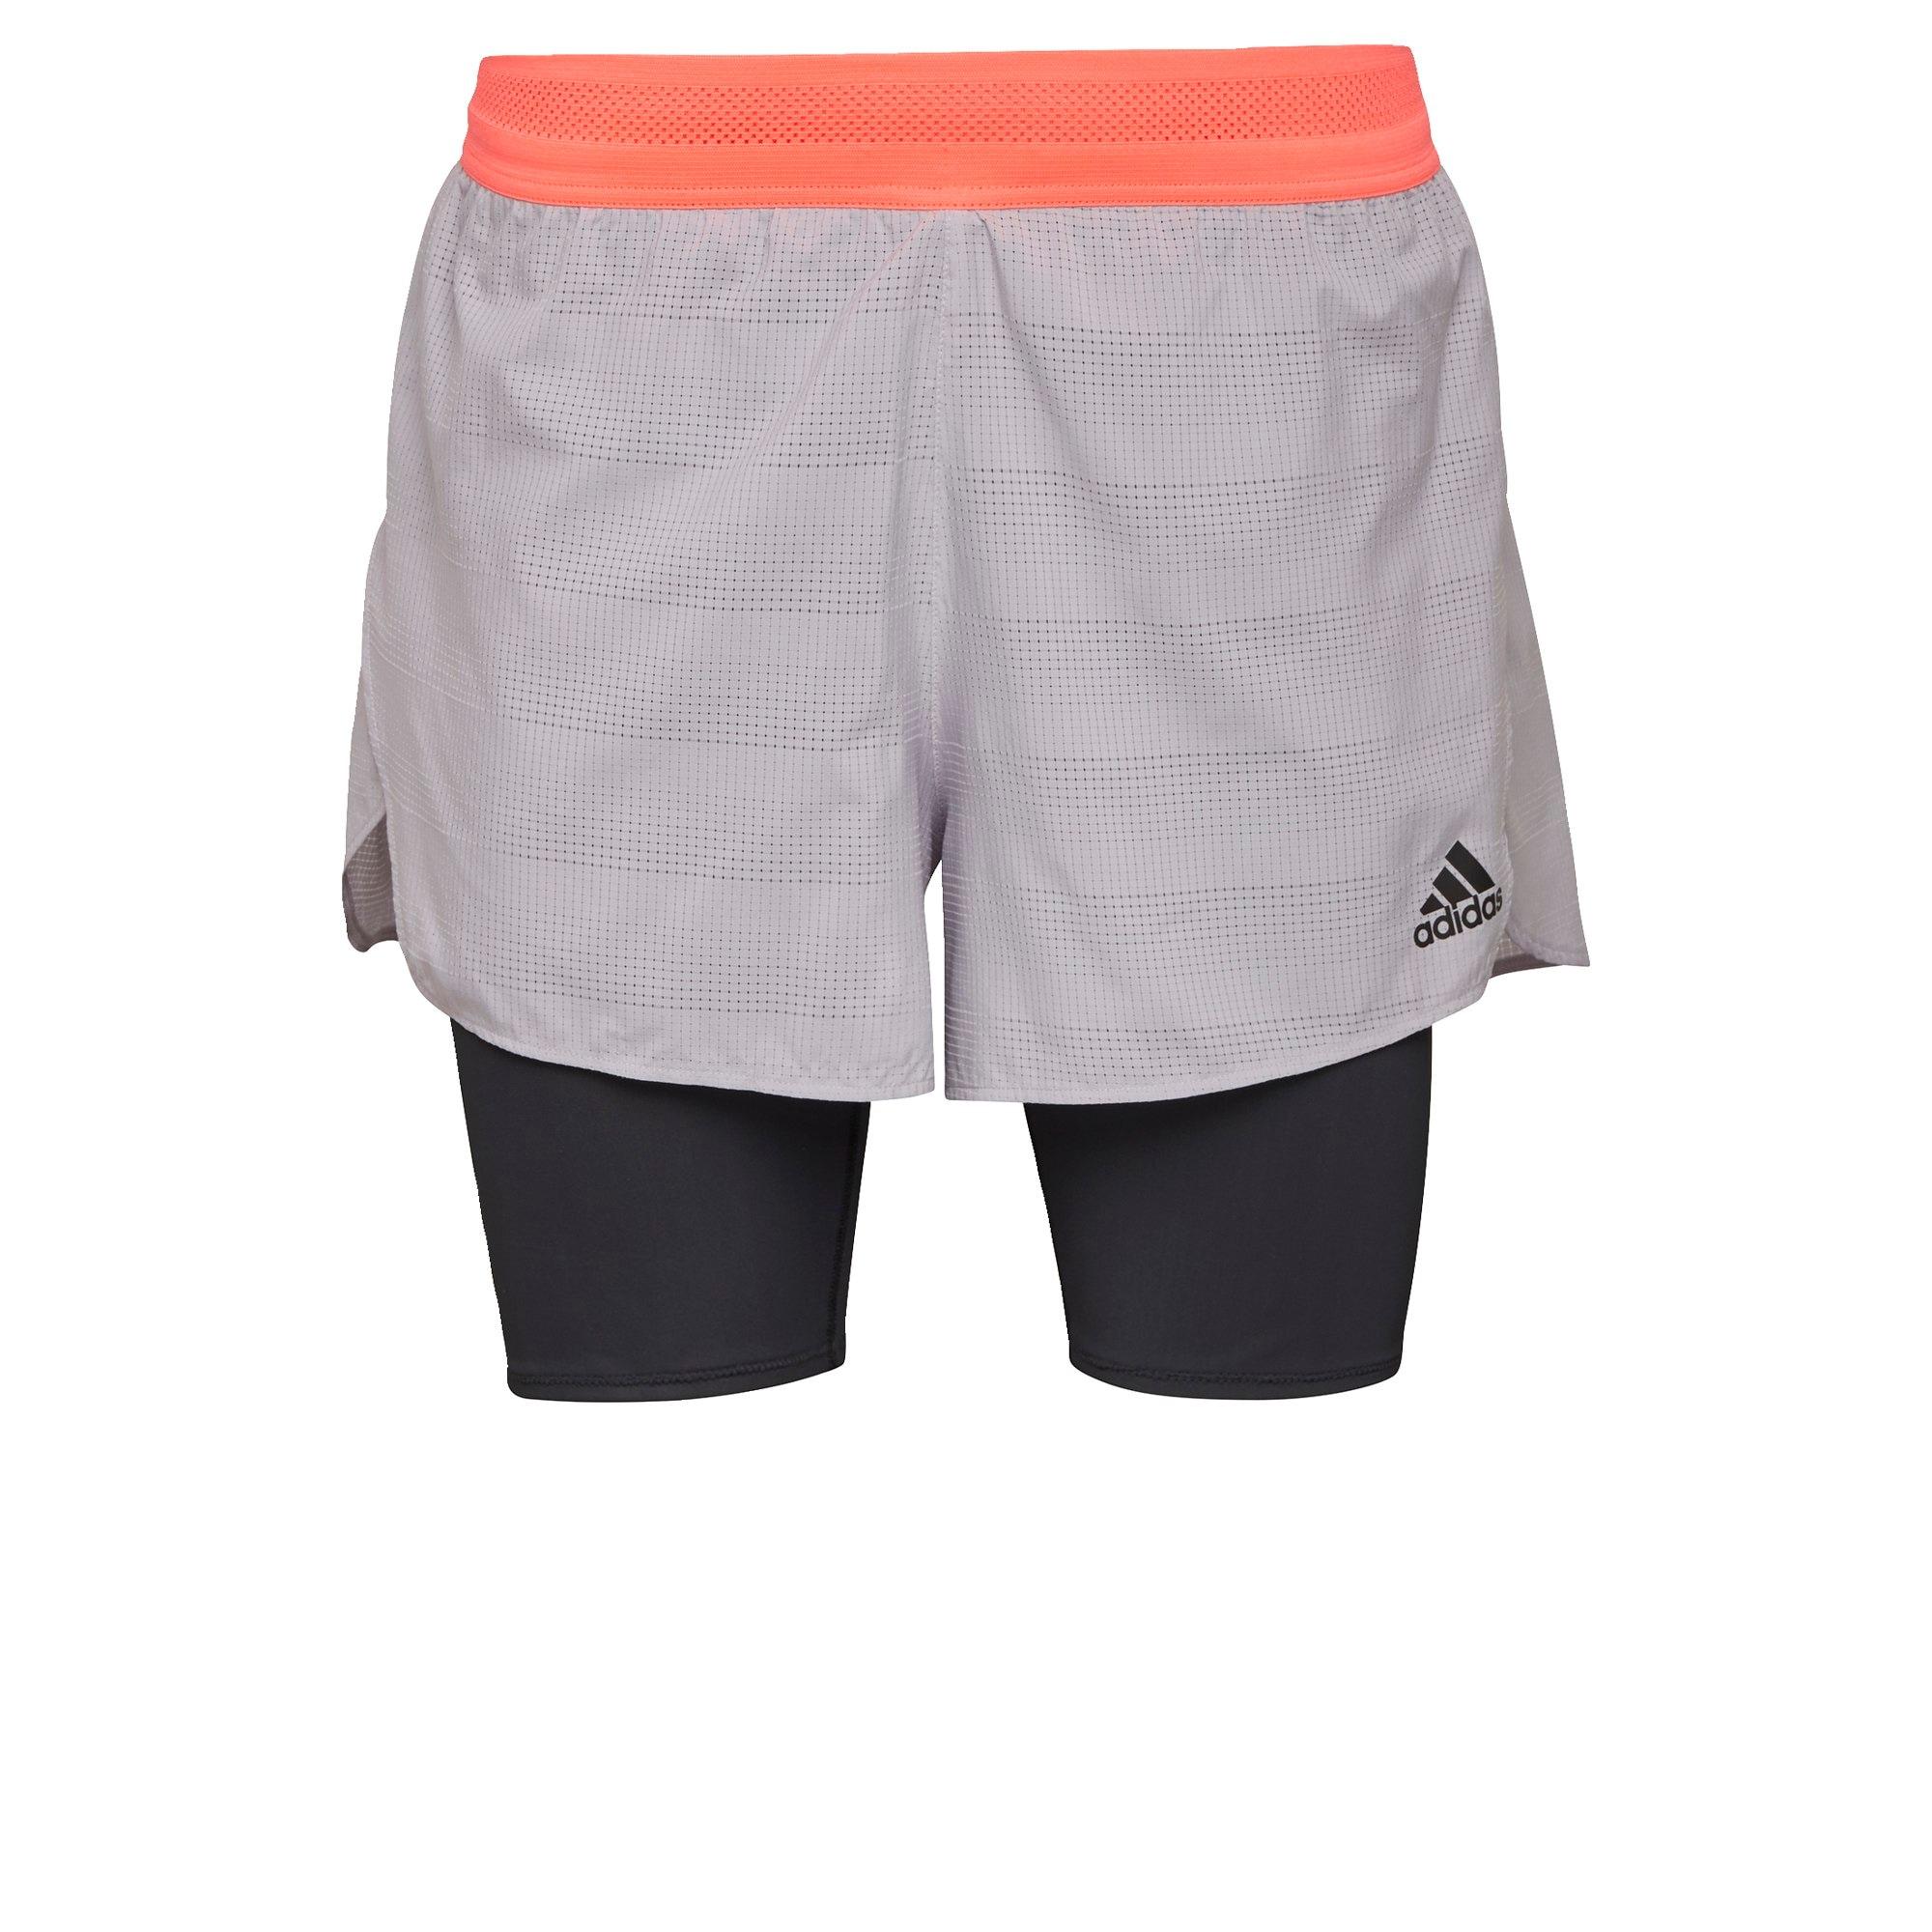 ADIDAS PERFORMANCE Sportovní kalhoty  meruňková / šedá / černá